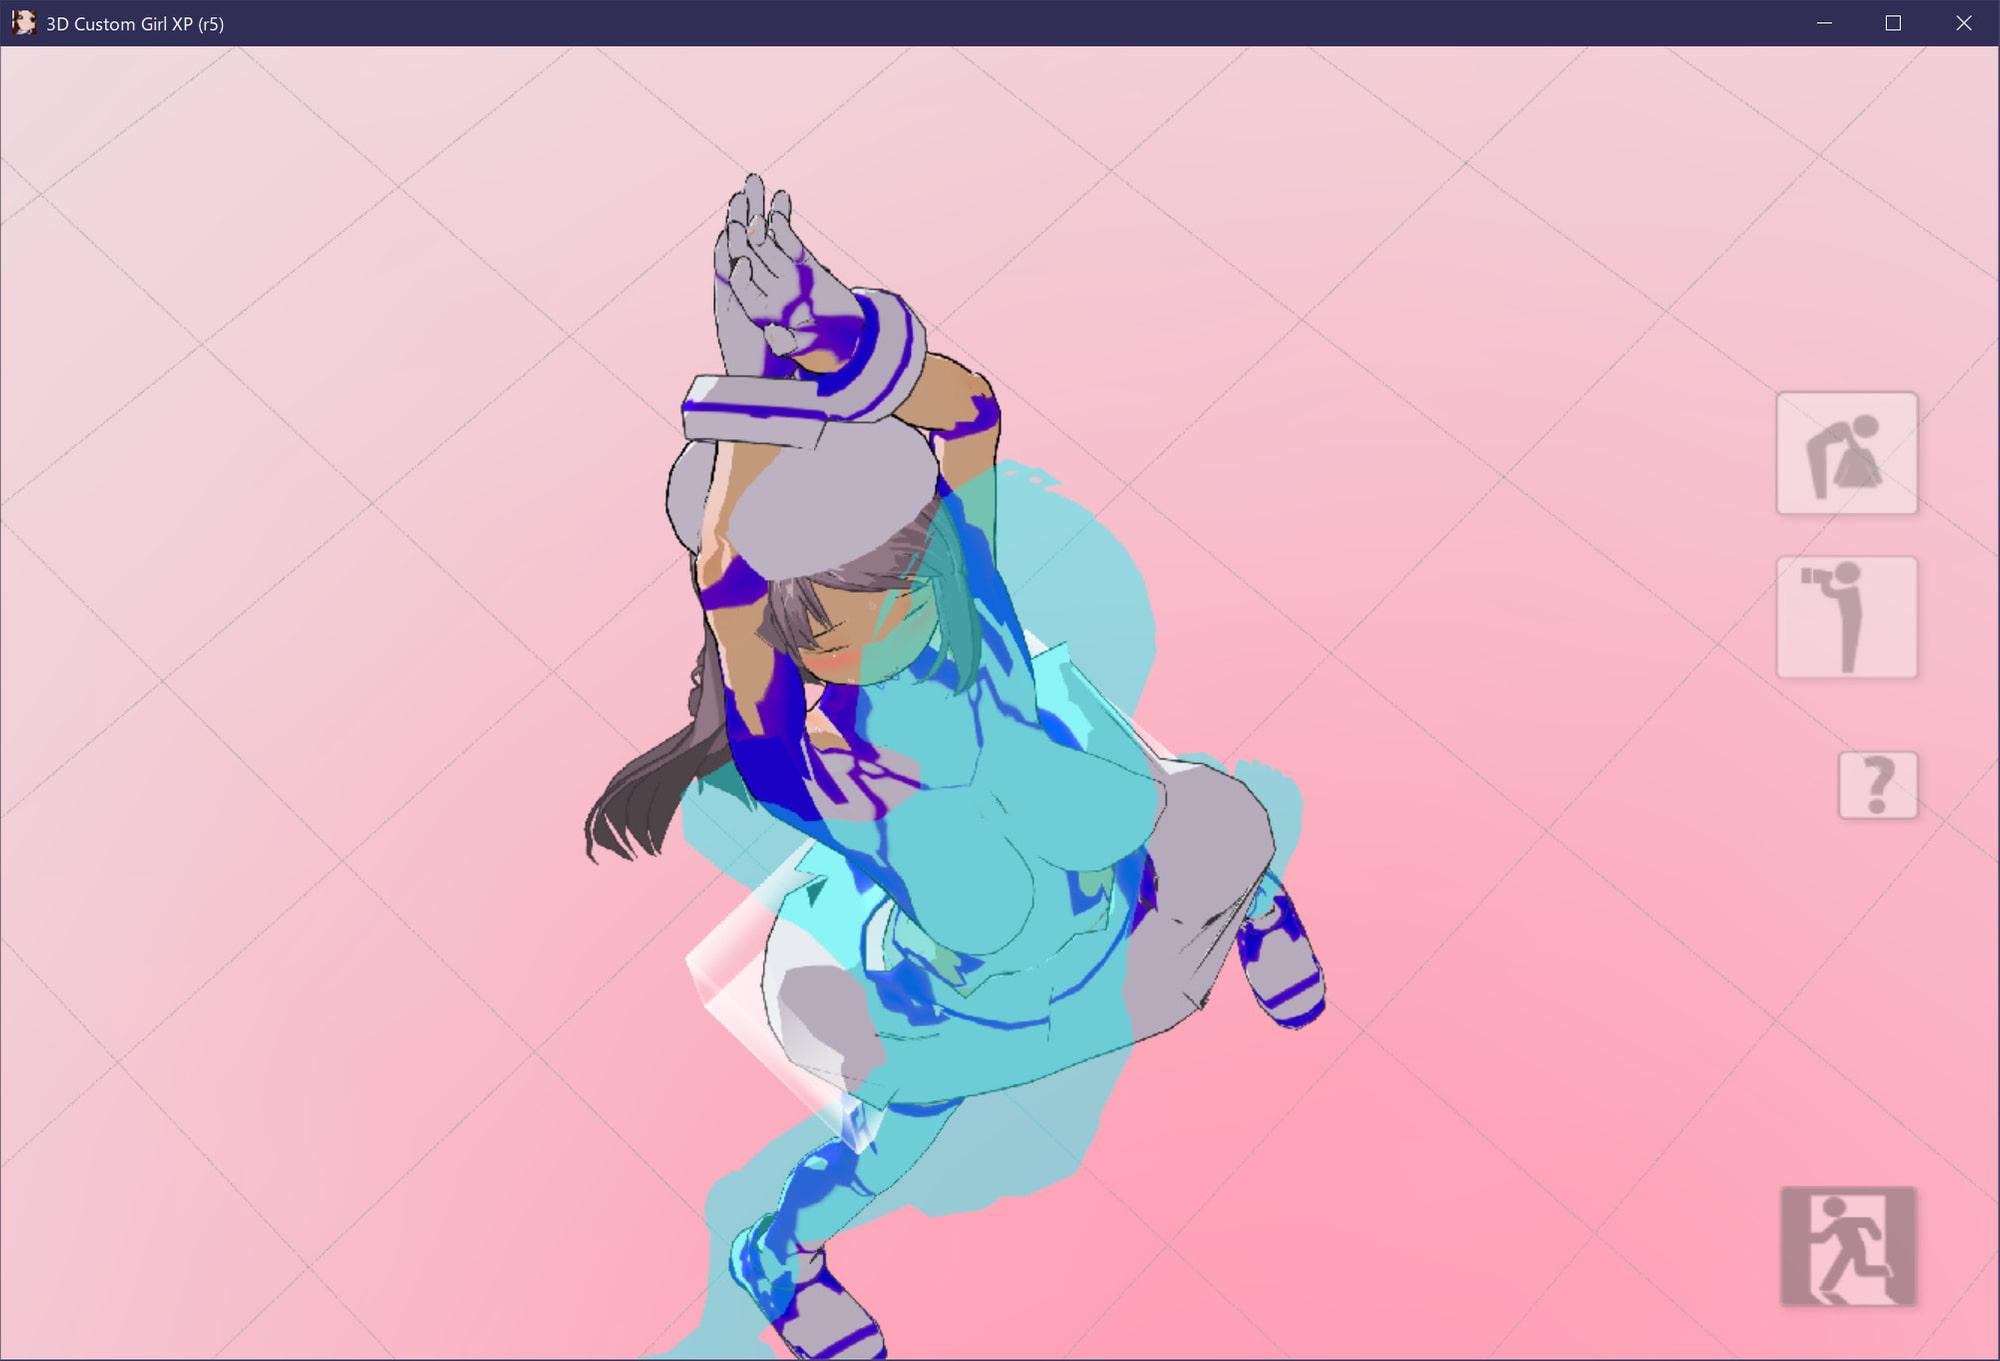 3Dカスタム少女追加モーション立位smallpack3(ぺろぺろもーしょん) (モーション作成屋) DLsite提供:同人ゲーム – ツール・アクセサリ